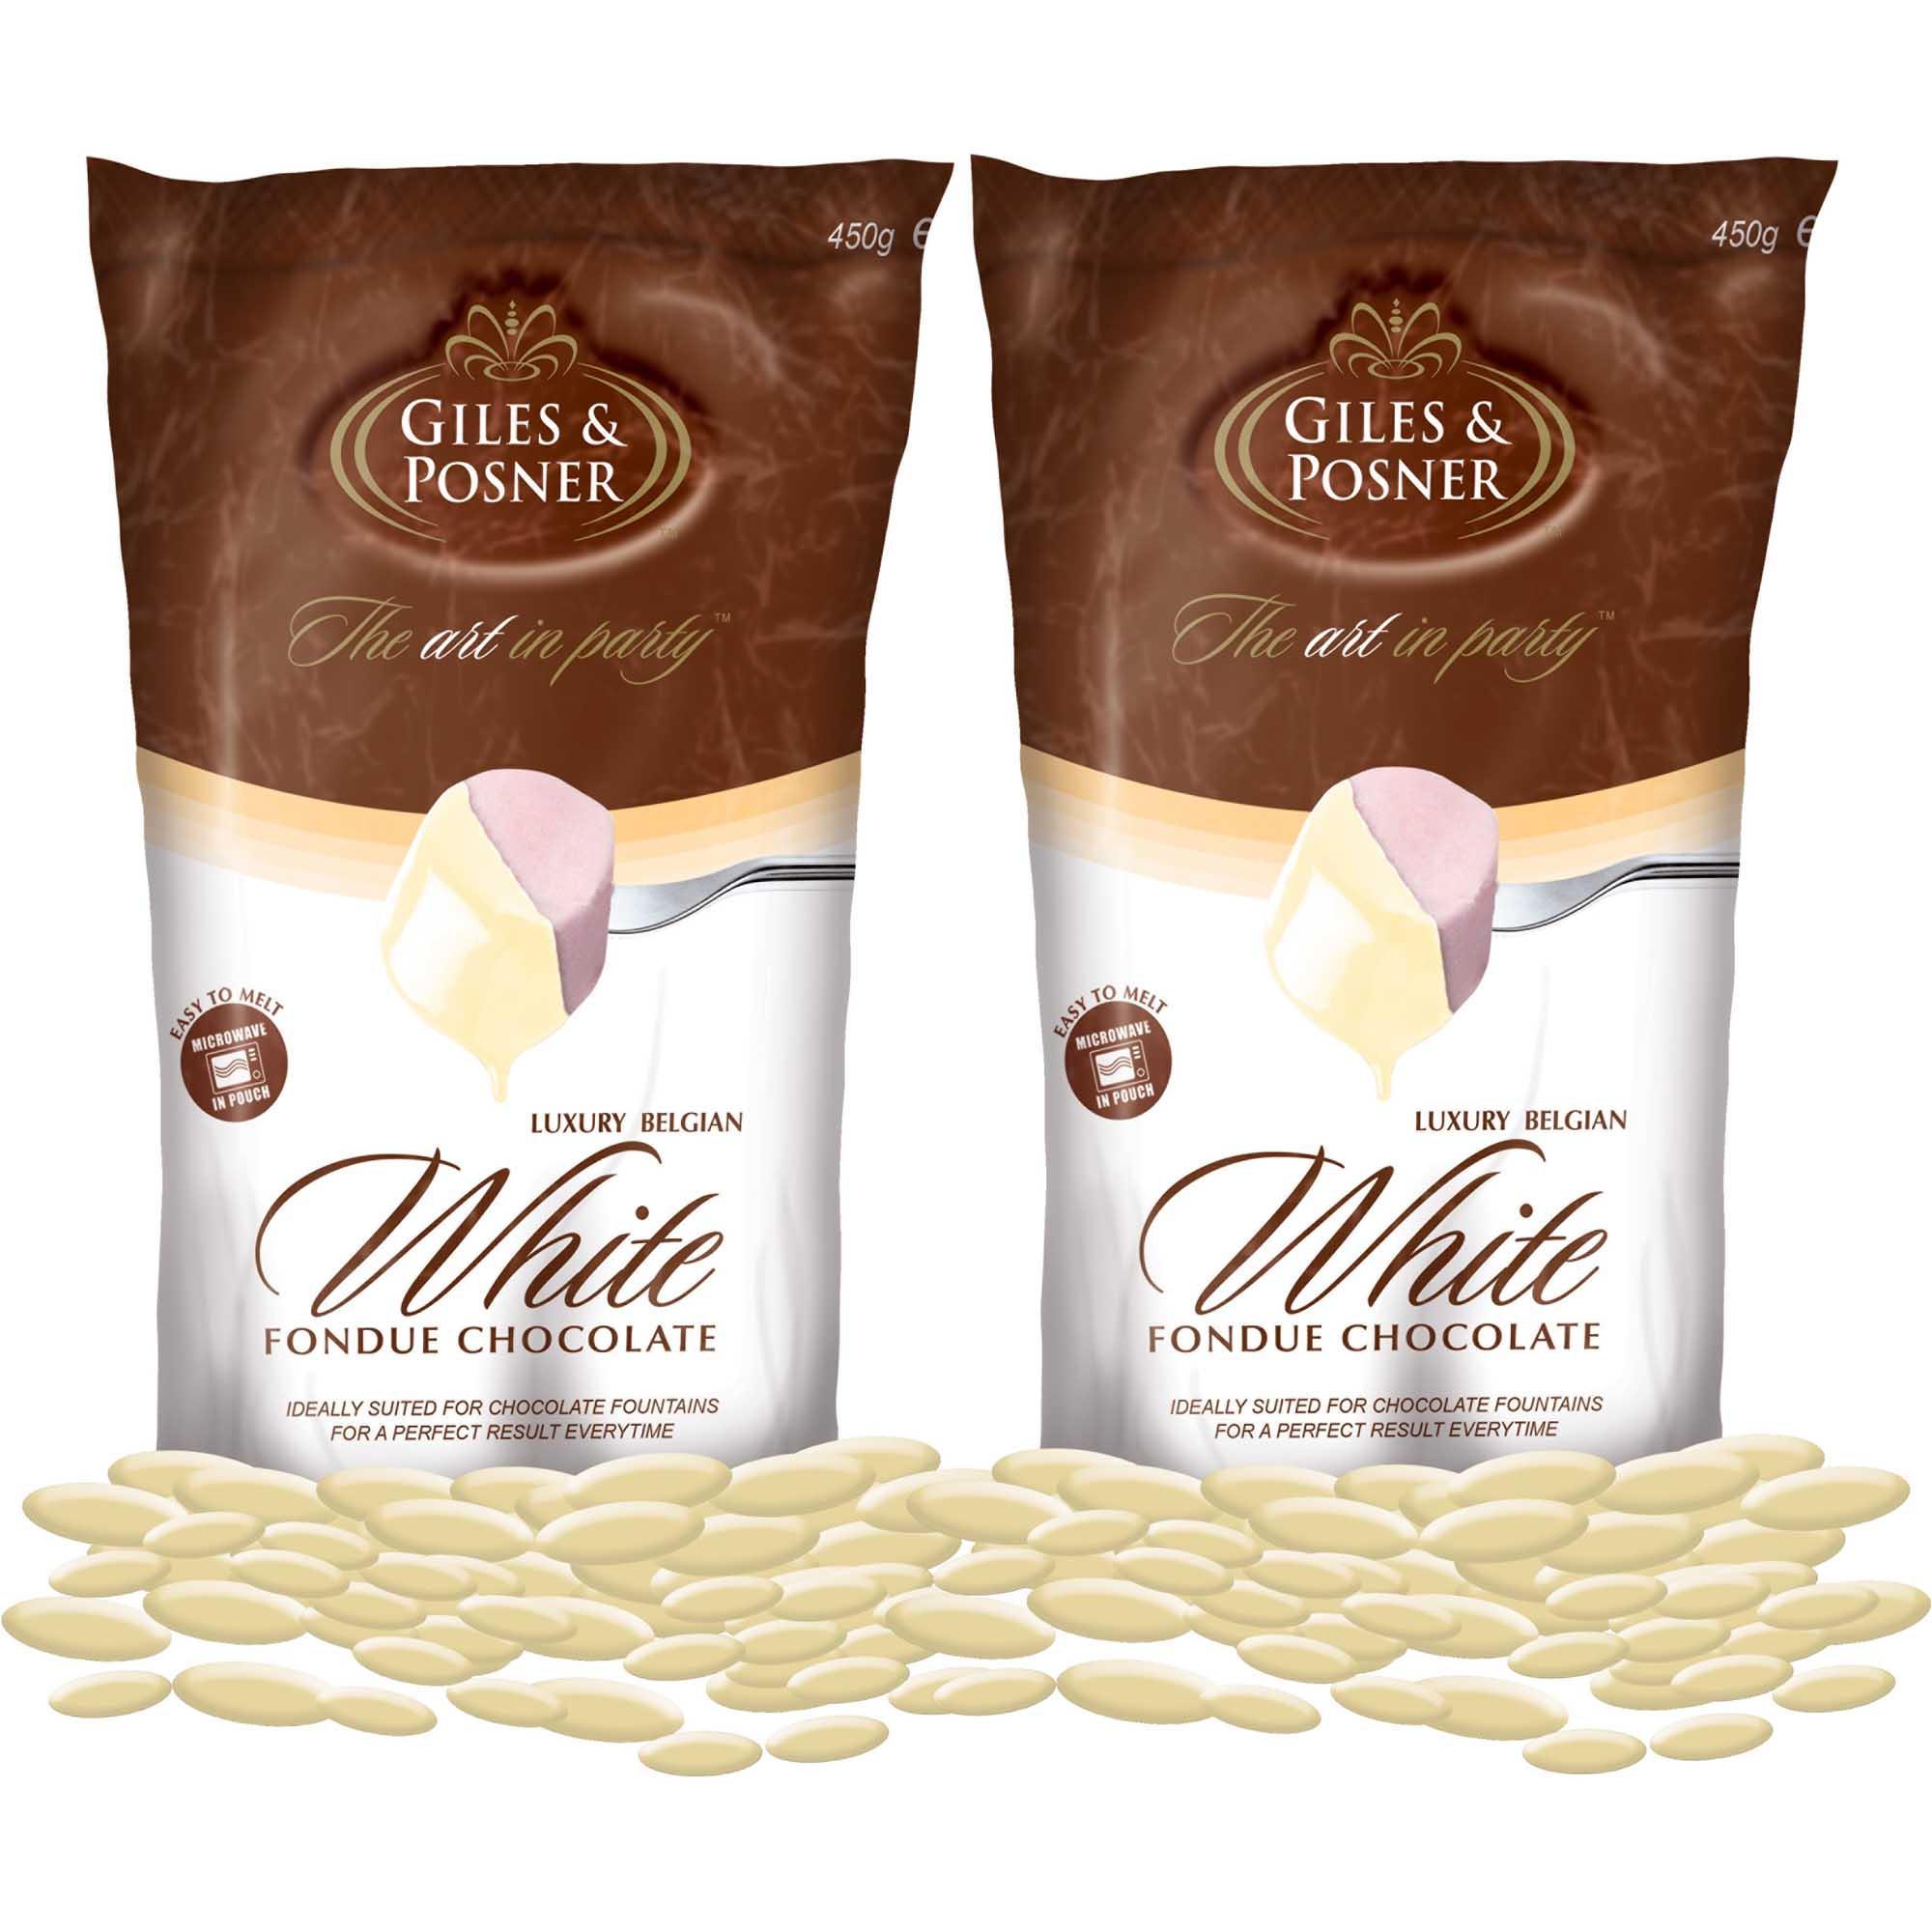 Schokolade Für Schokobrunnen Weiß Doppelpack 900g